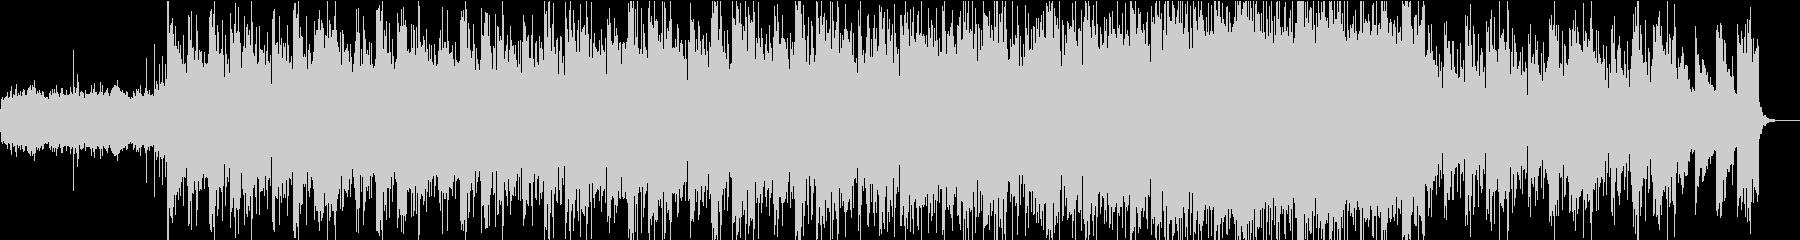 エンディング系のエレクトロニクスな曲の未再生の波形